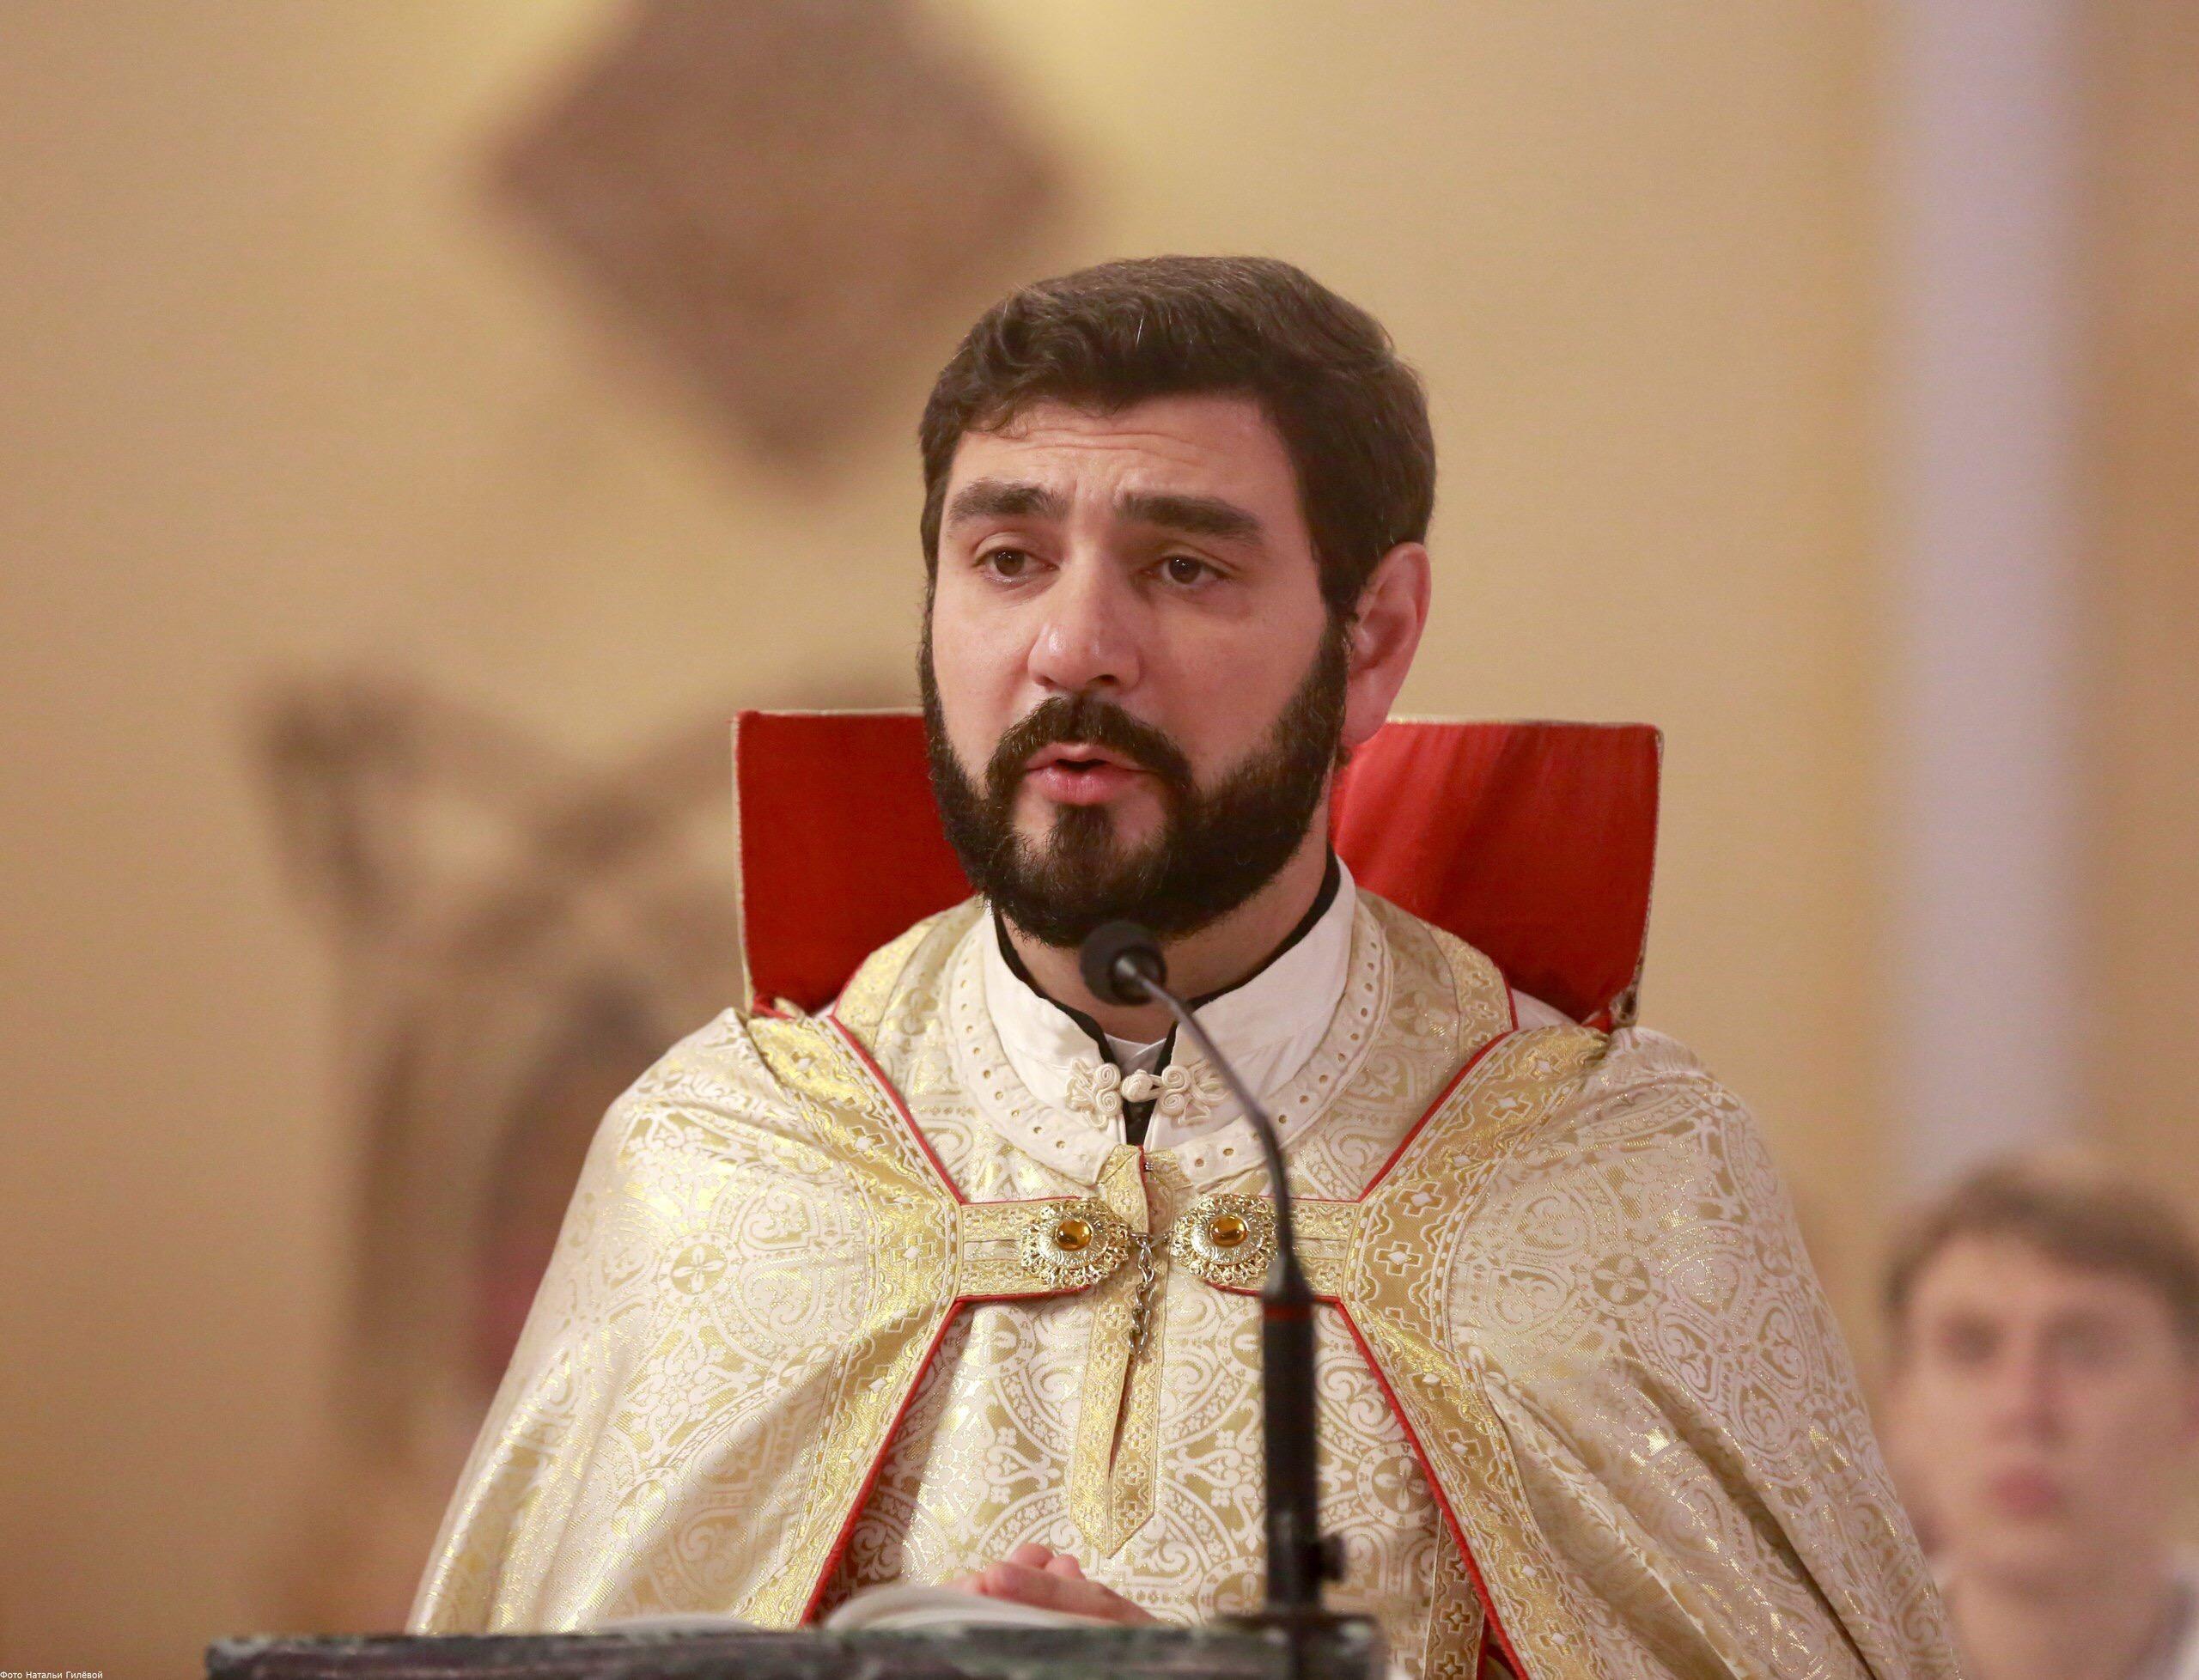 о. Петрос Есаян